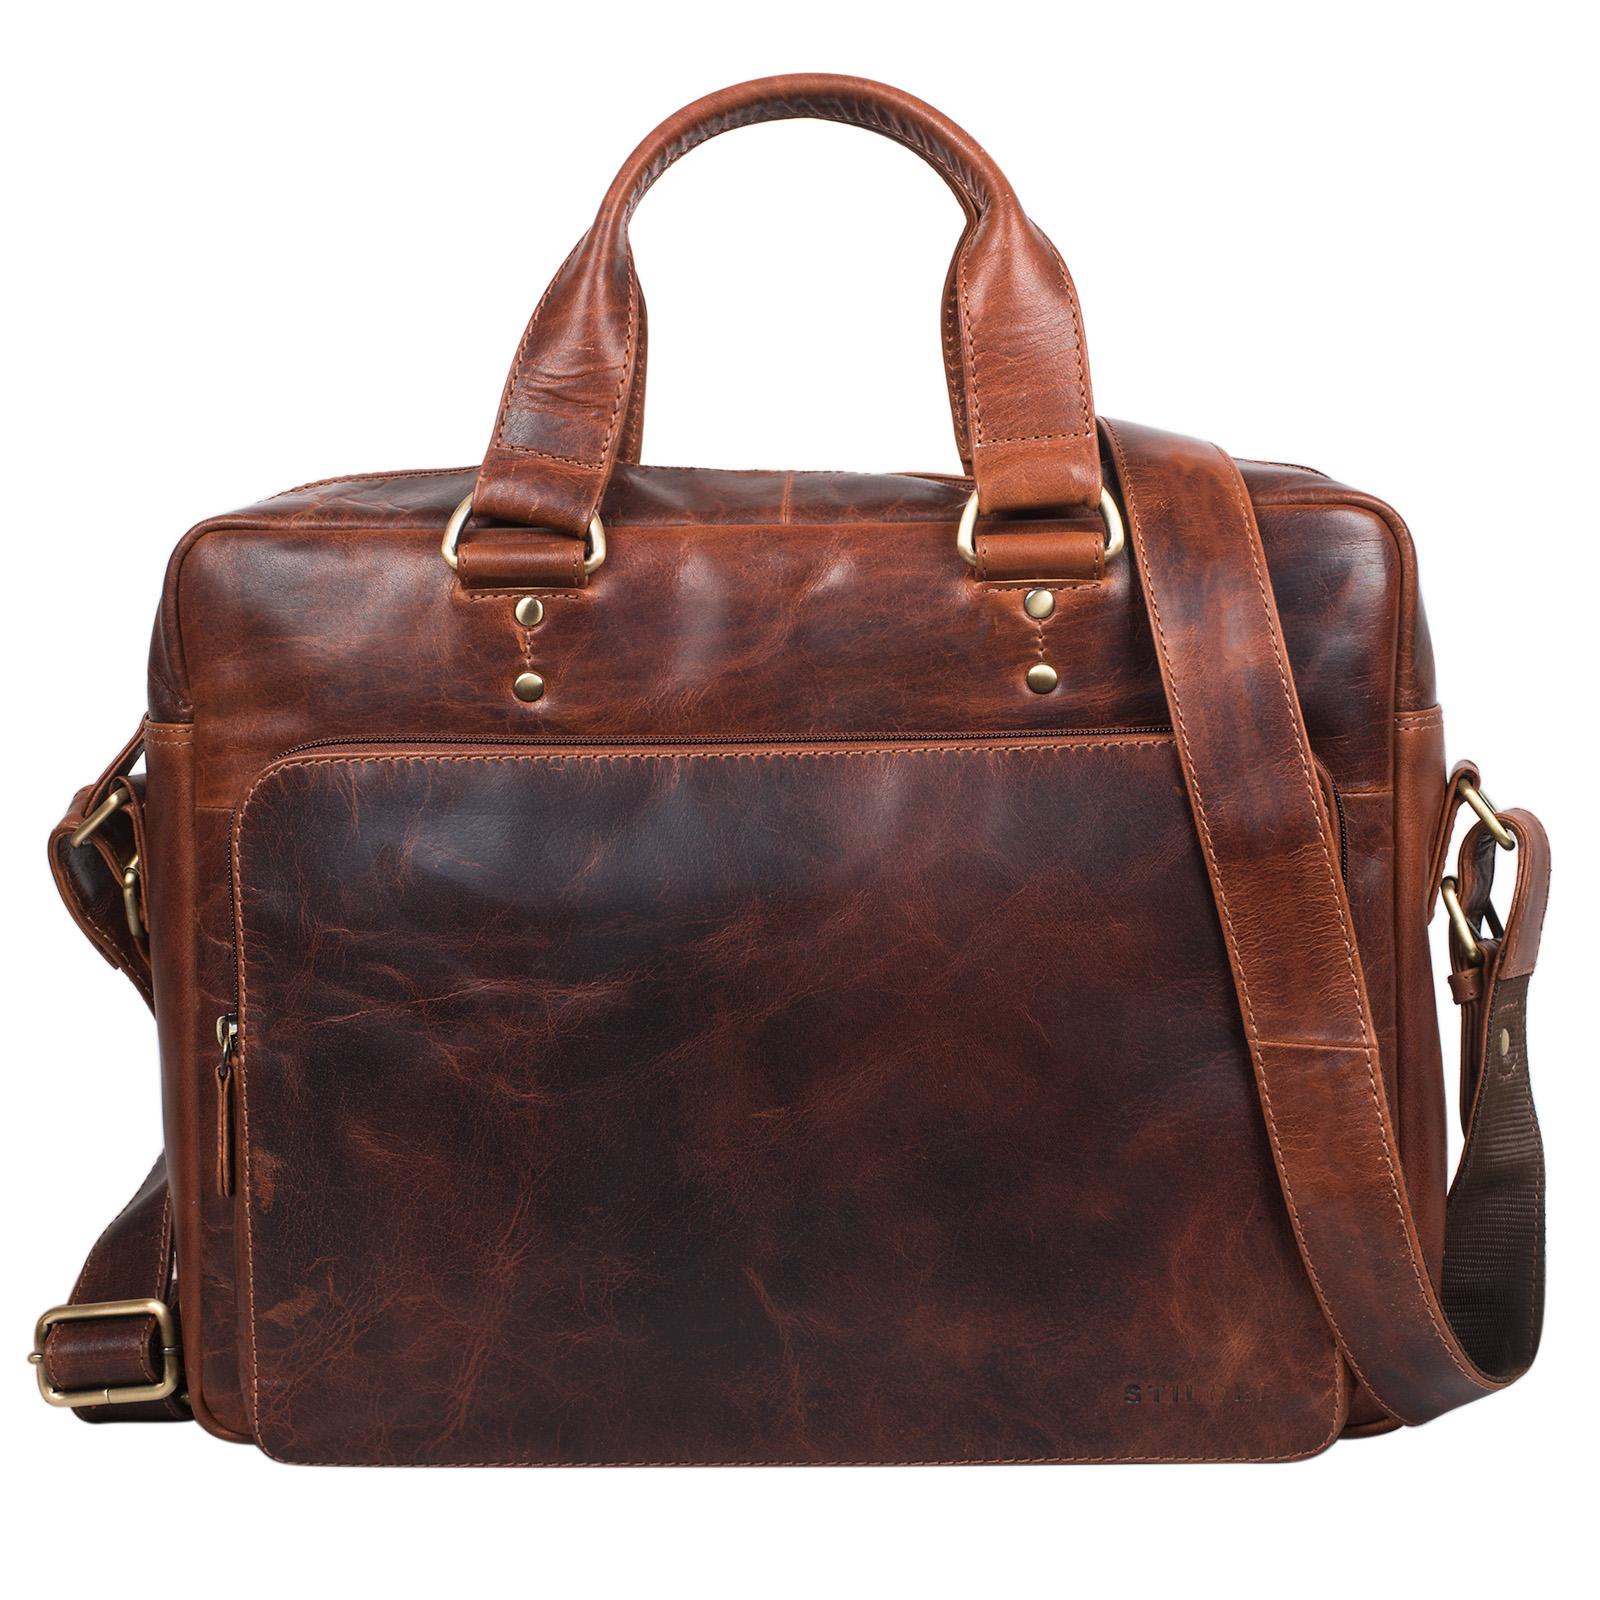 """STILORD """"Joshua"""" Vintage Businesstasche Leder groß Herren Laptoptasche 13.3 Zoll Bürotasche Aktentasche Dokumententasche Umhängetasche echtes Rinds-Leder - Bild 3"""